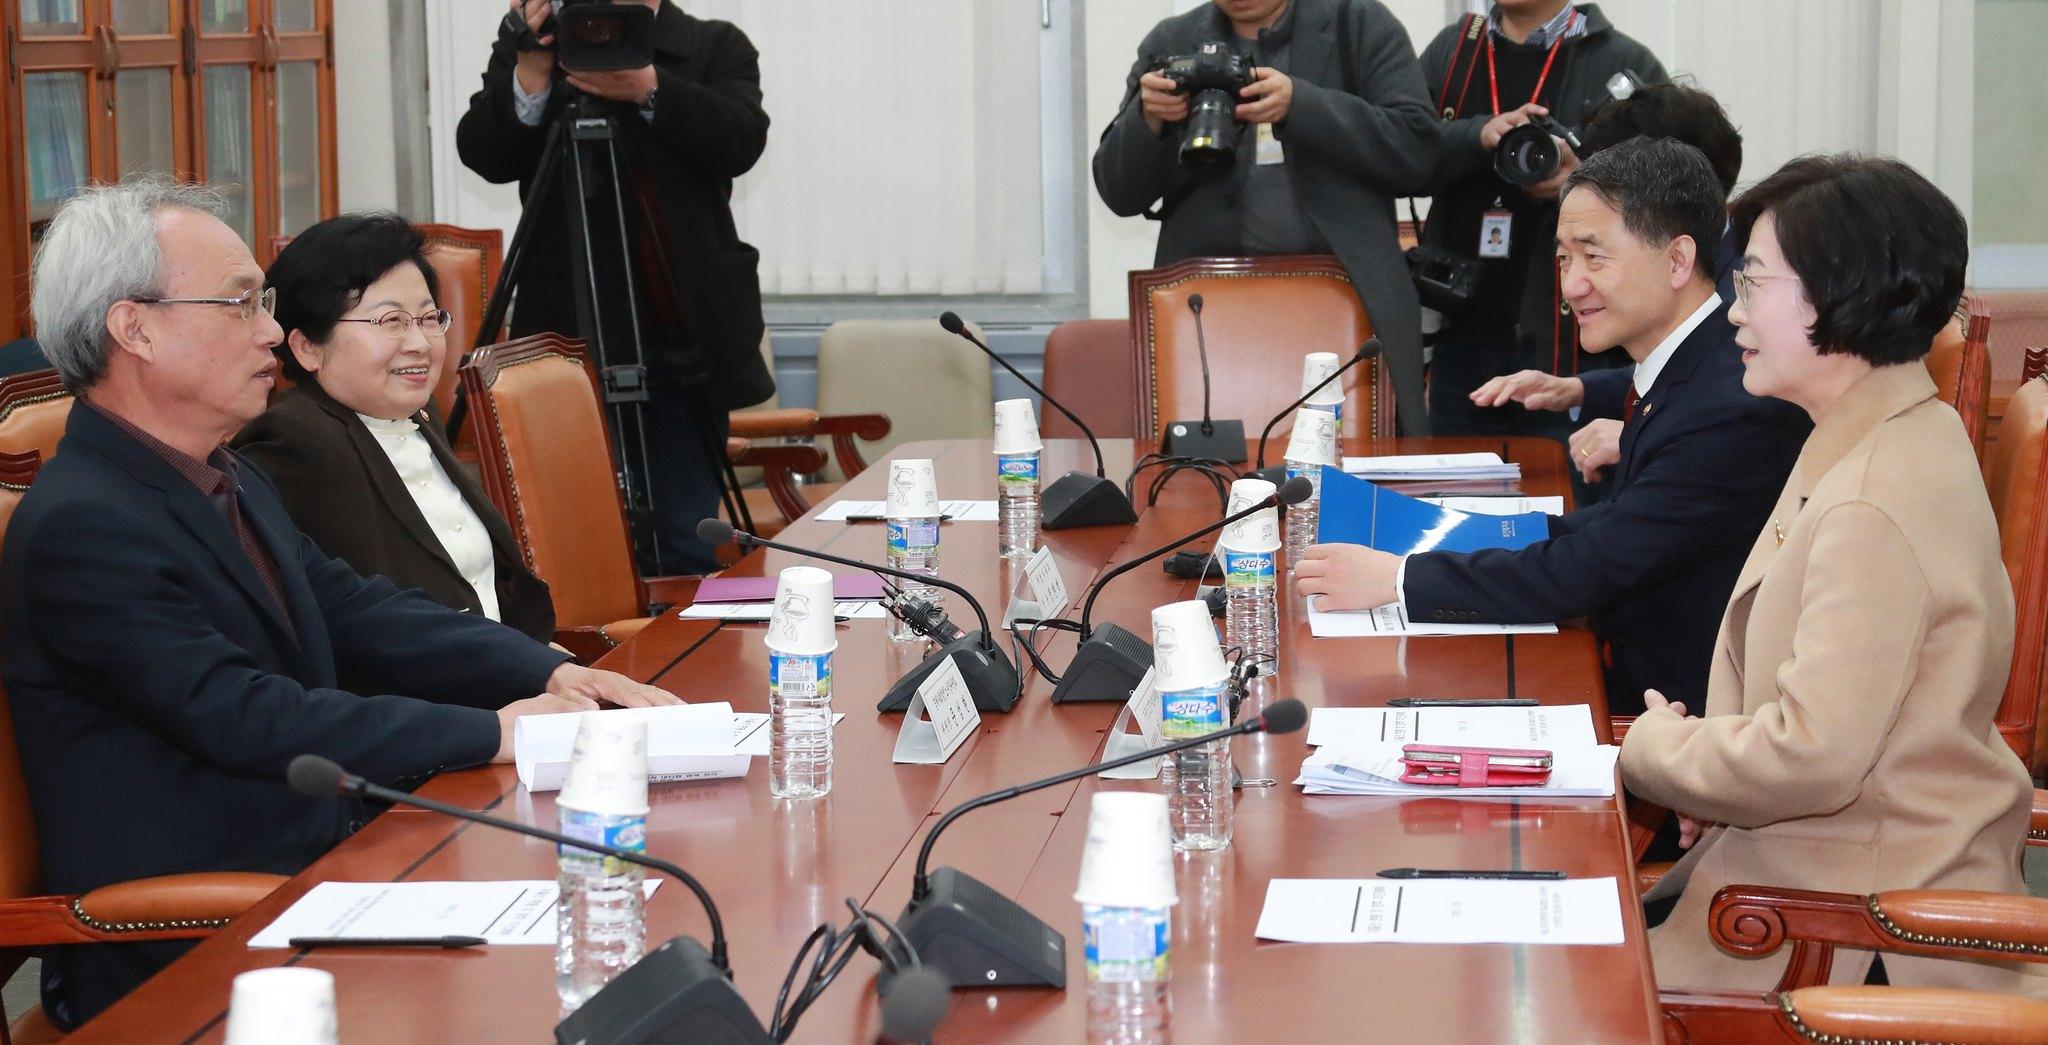 김상희 저출산고령사회위원회 부위원장(오른쪽)이 28일 국회 보건복지상임위 소회의실에서 열린 저출산 극복을 위한 사회적 대타협 협력 회의에서 발언을 하고 있다. [뉴스1]